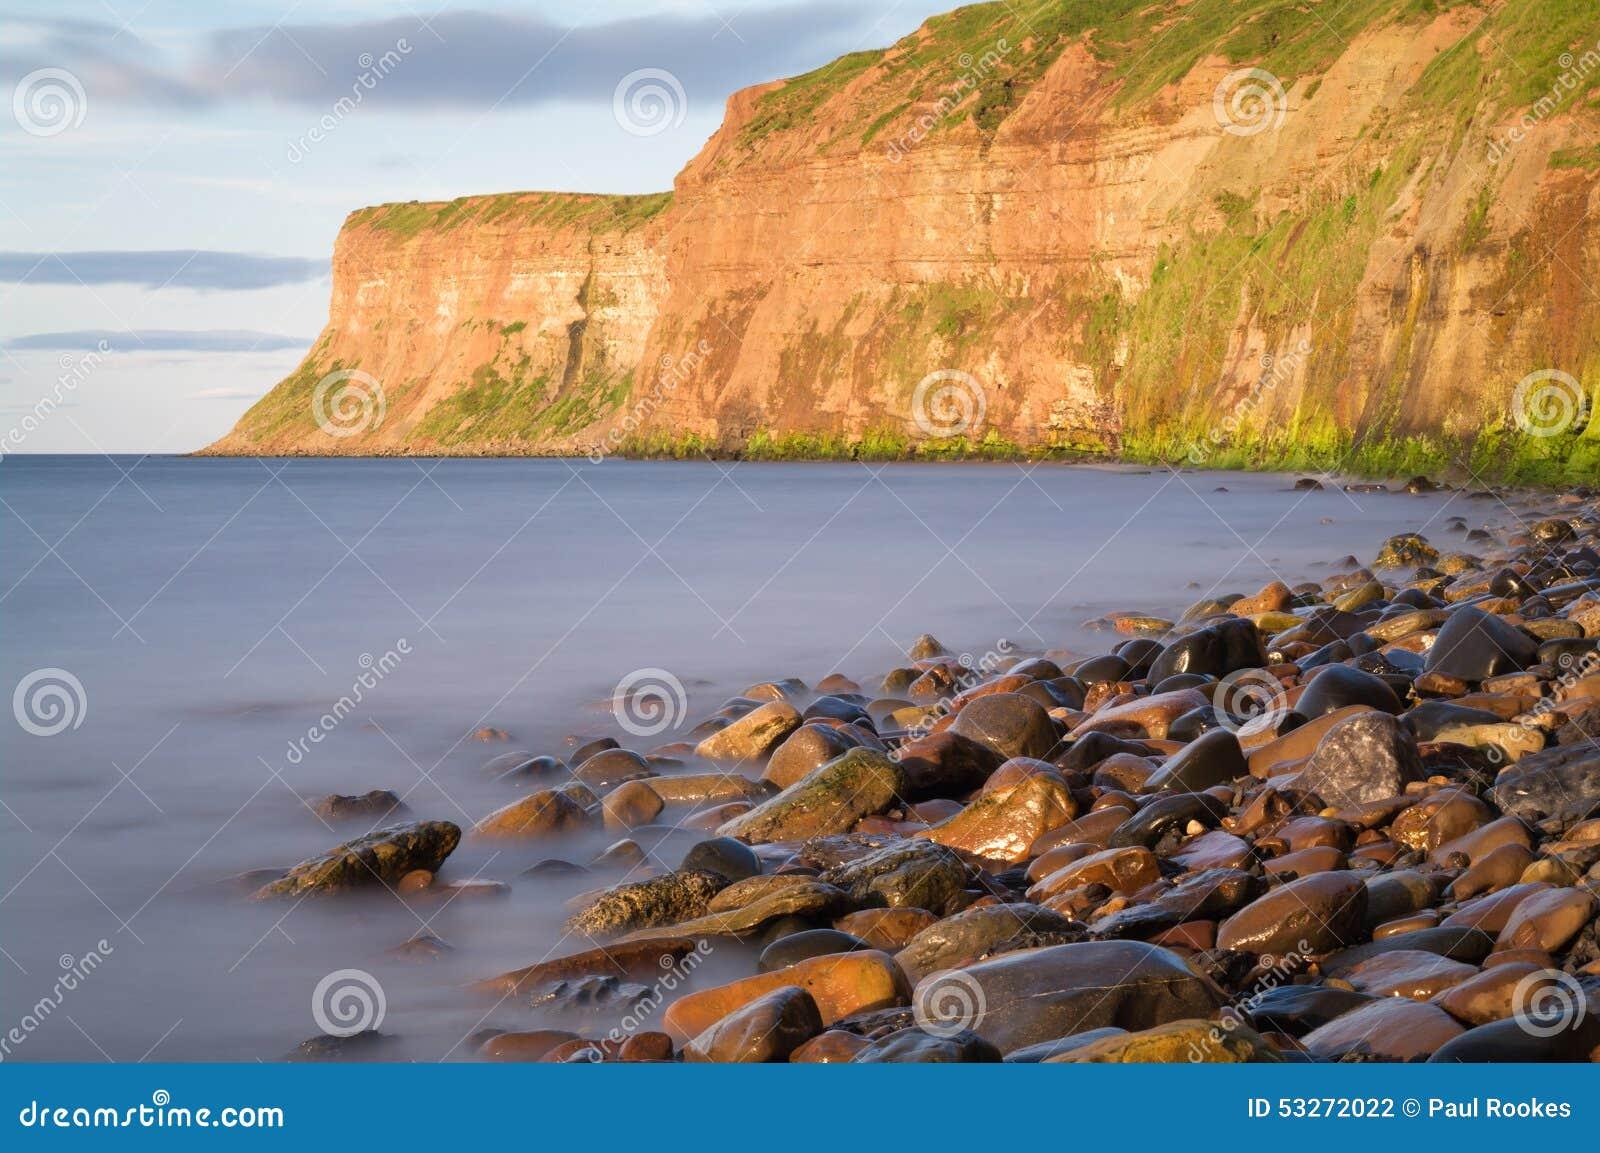 Hunt Cliff- - Huntcliff- - Saltburn- - Saltburn-durch-dmeer